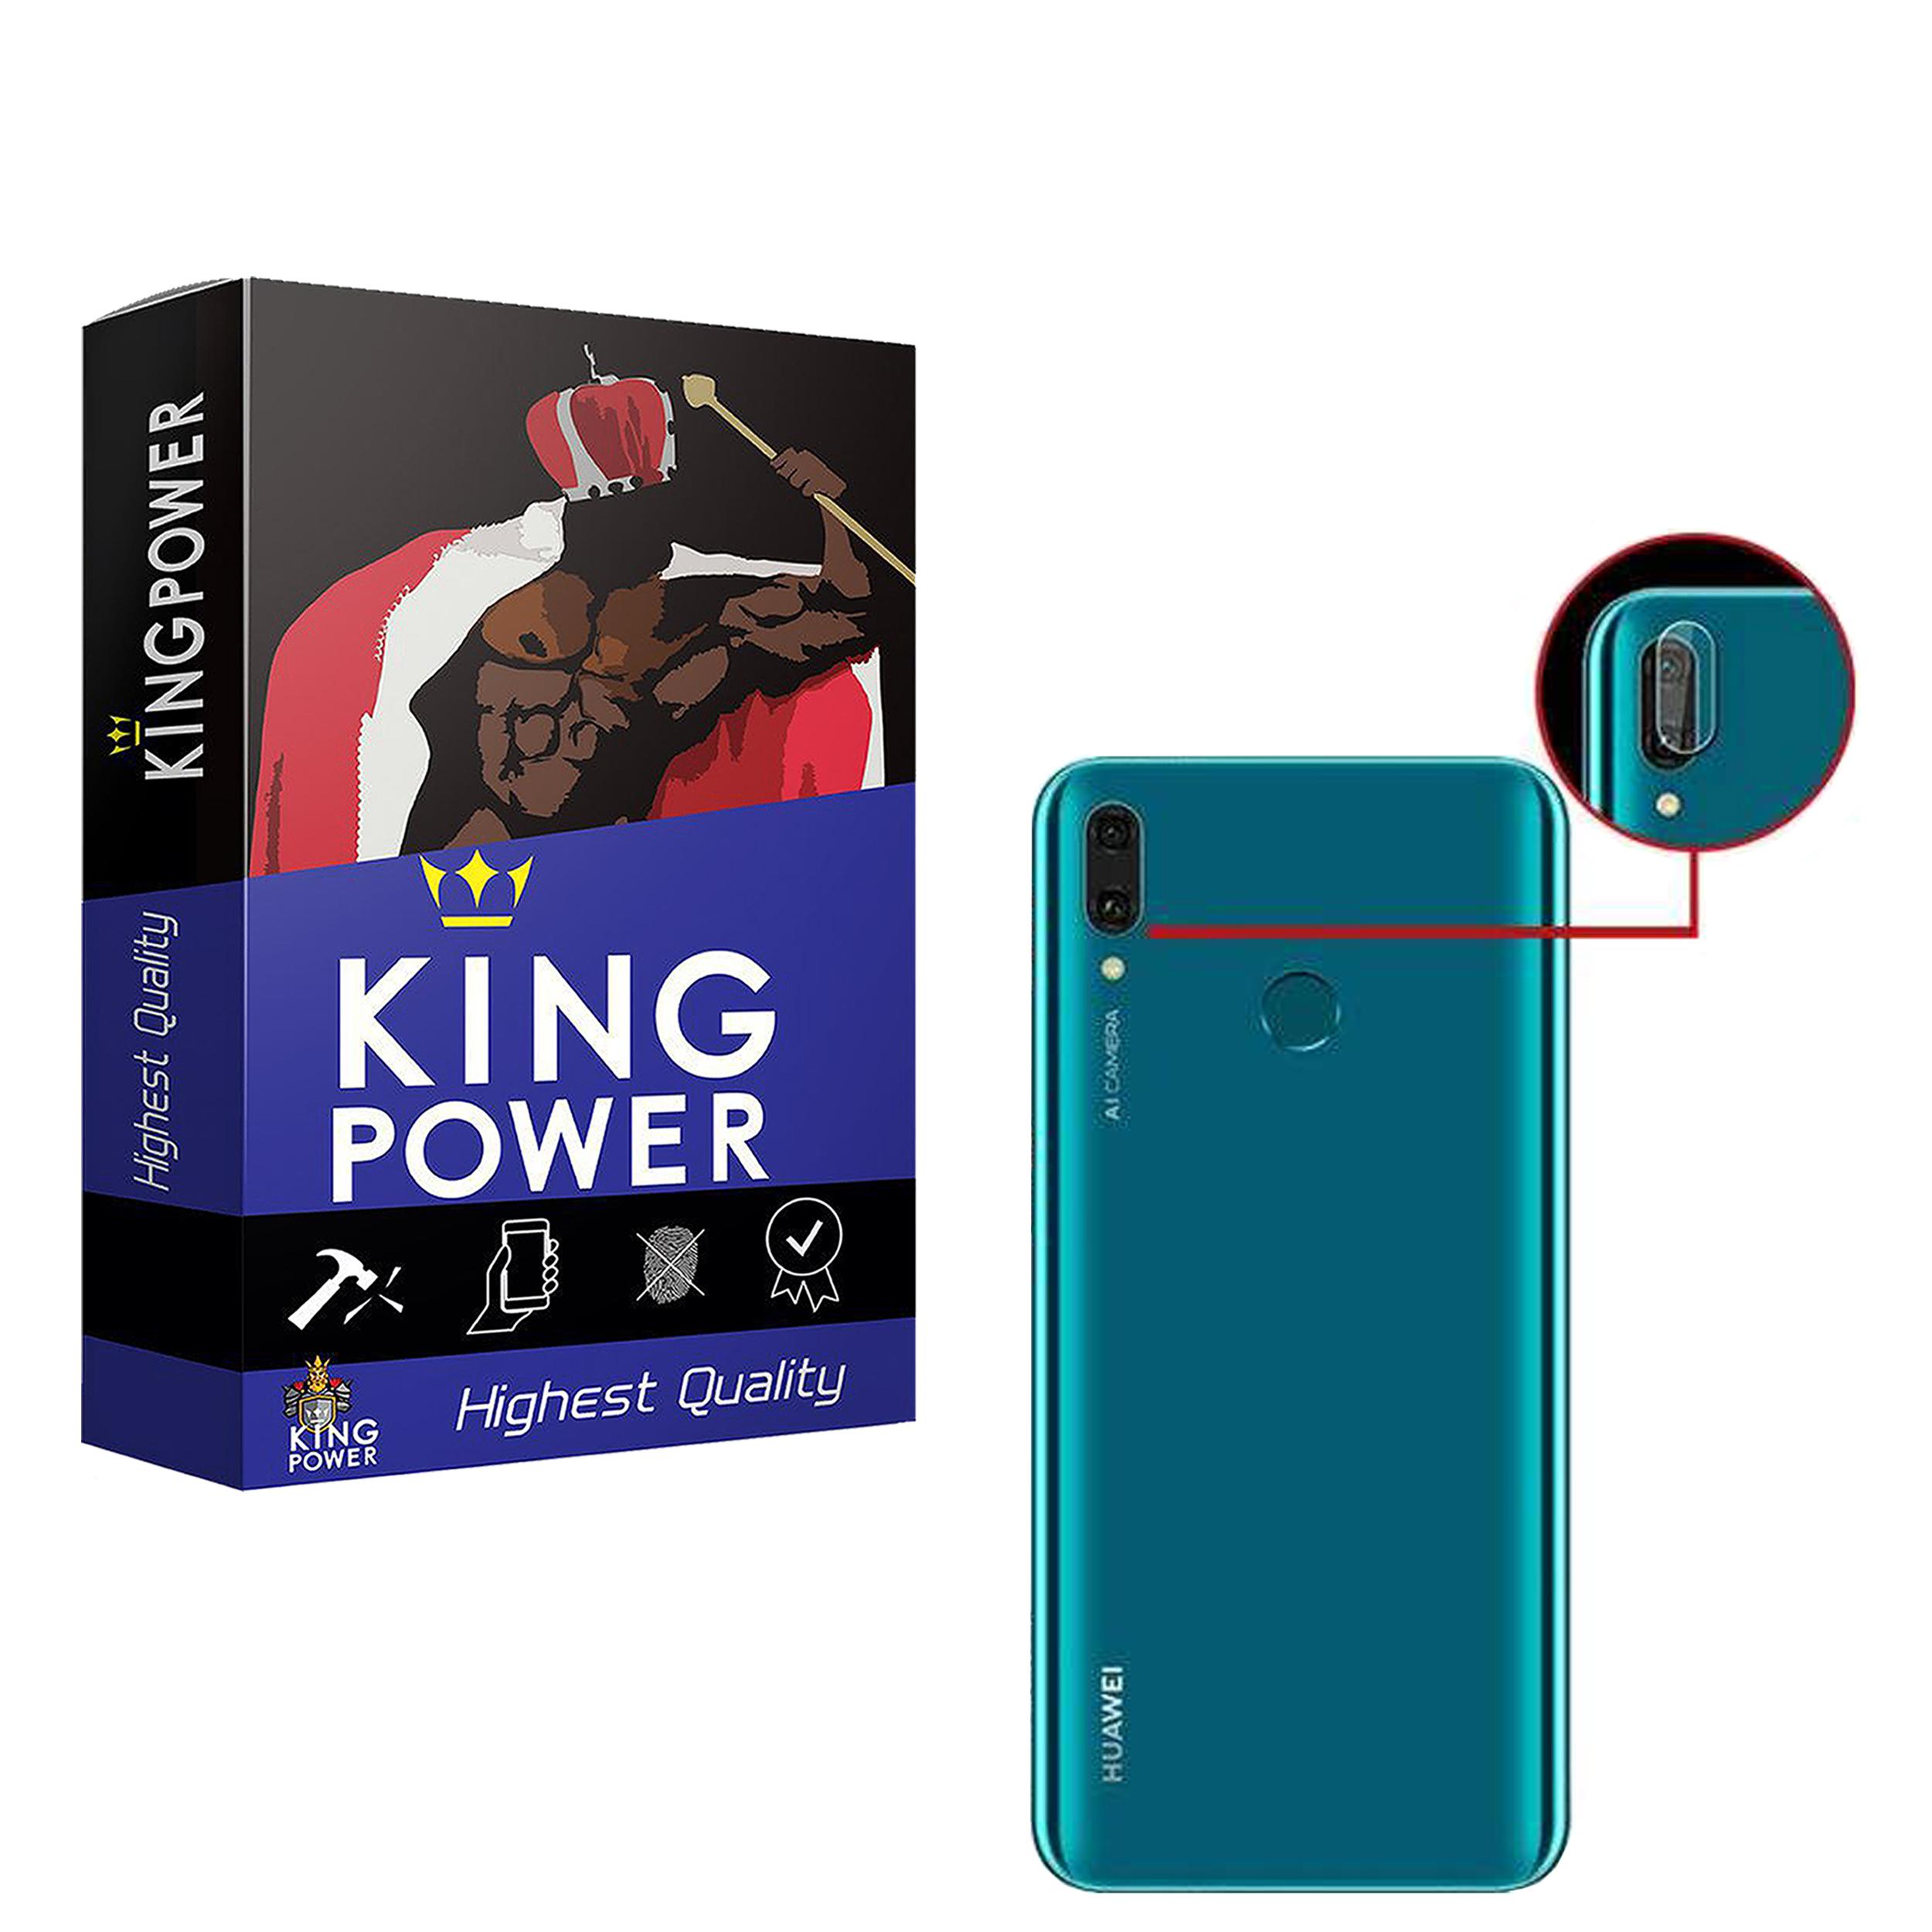 محافظ لنز دوربین کینگ پاور مدل KPL مناسب برای گوشی موبایل هوآوی Y9 2019